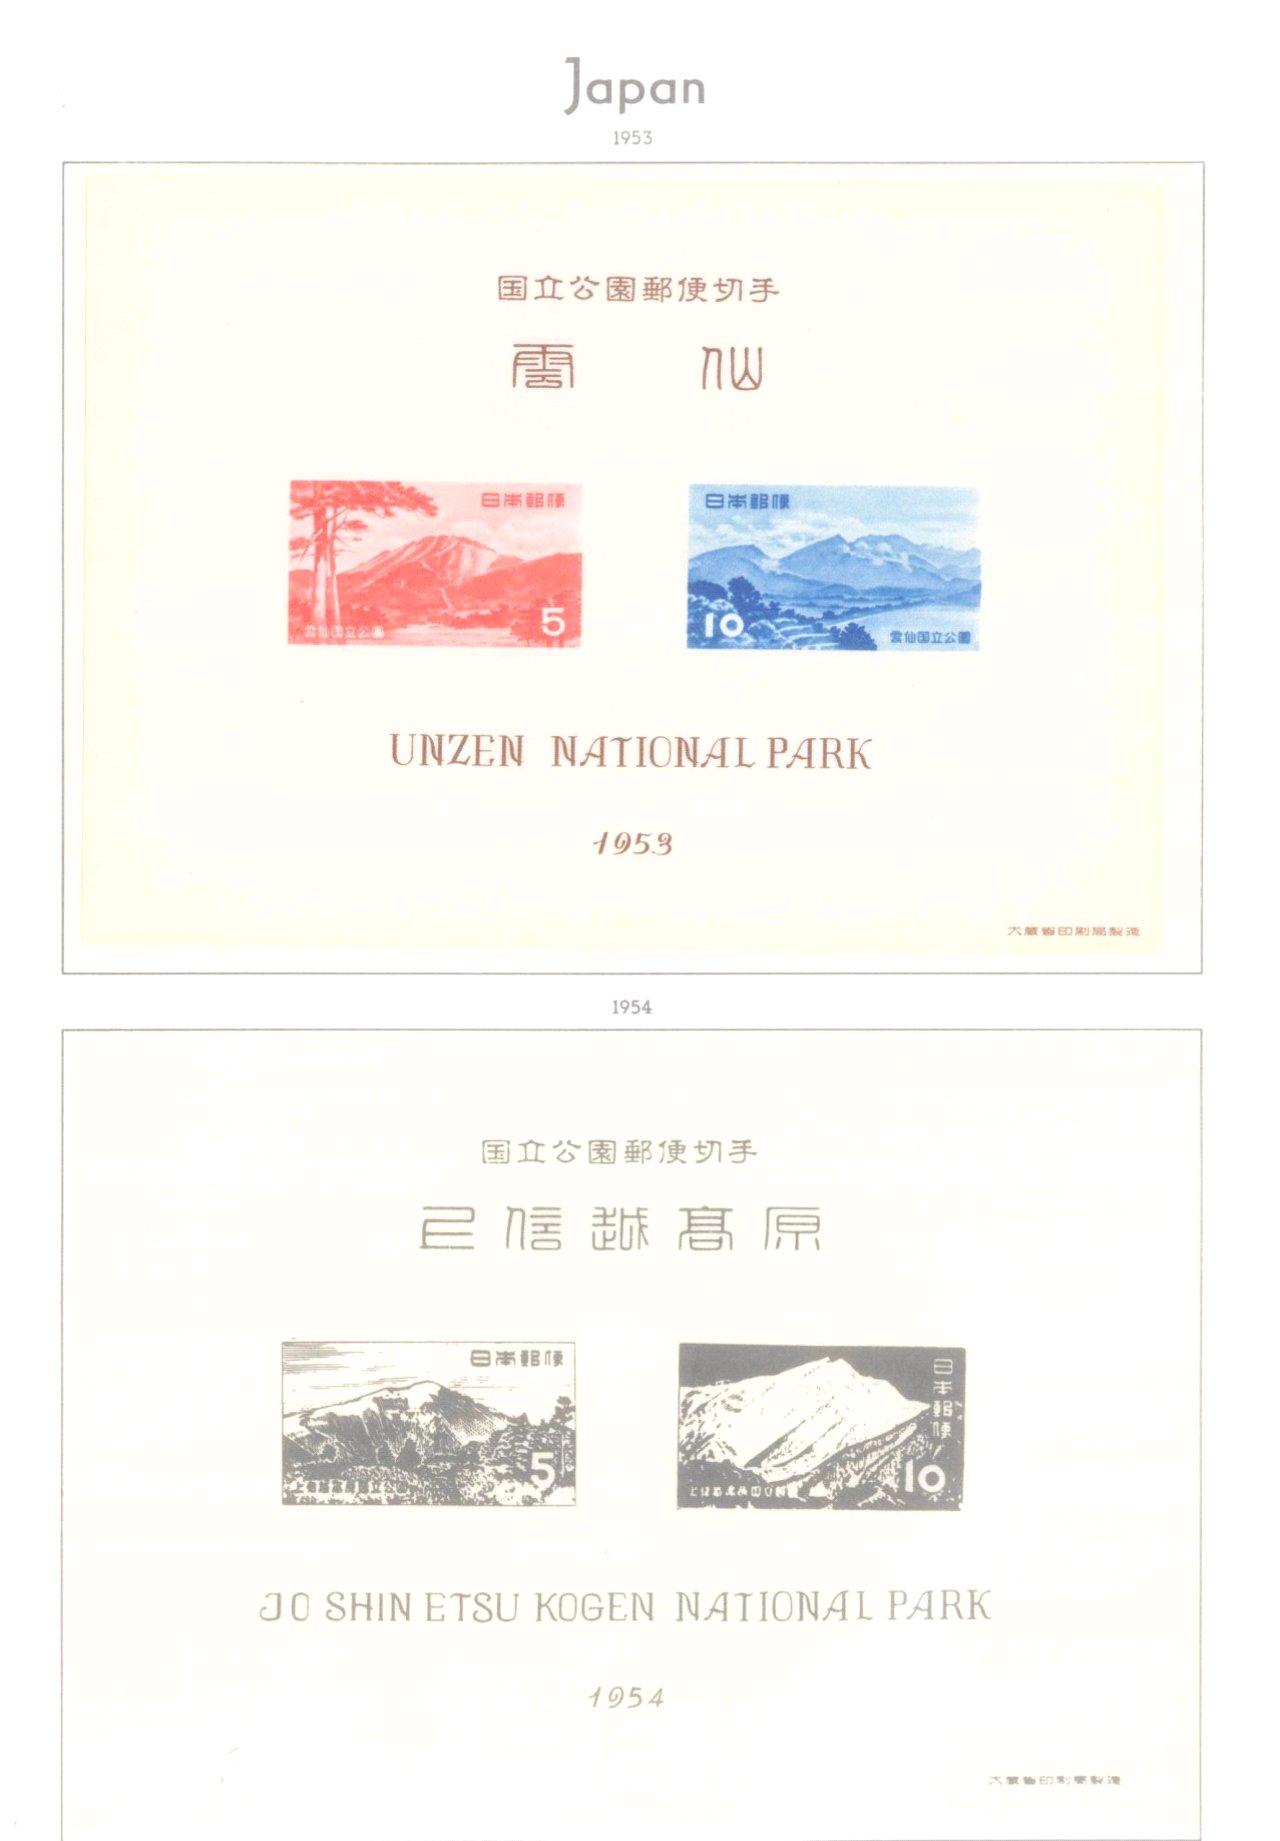 Sammlung Japan ab 1945-9